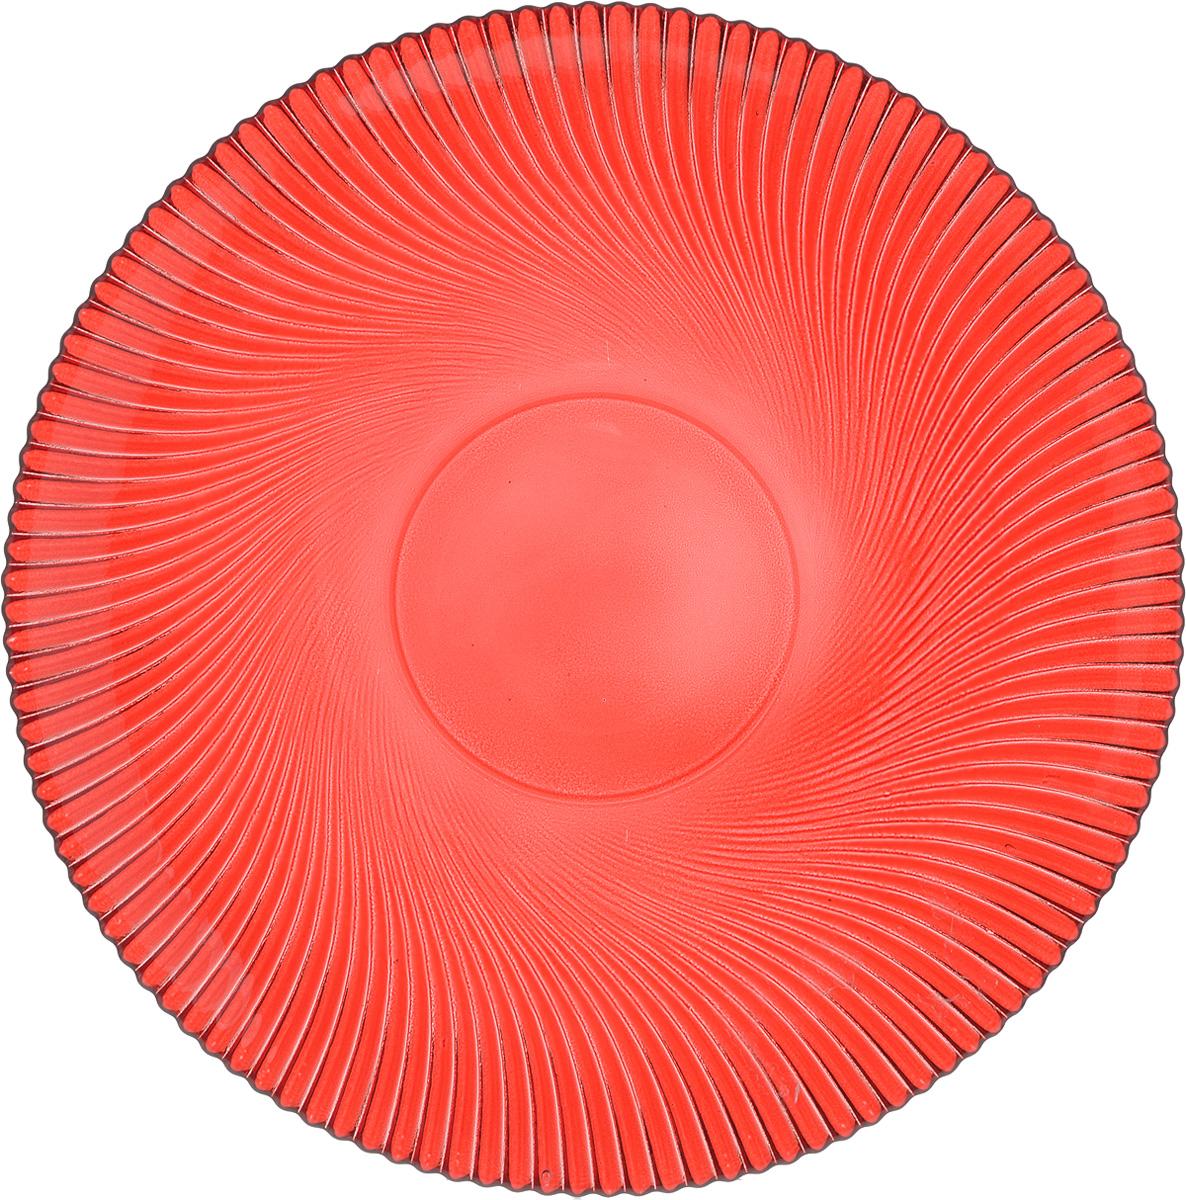 Тарелка NiNaGlass Альтера, цвет: рубиновый, диаметр 26 см54 009312Тарелка NiNaGlass Альтера выполнена из высококачественного стекла и оформлена красивым рельефным узором. Тарелка идеальна для подачи вторых блюд, а также сервировки закусок, нарезок, десертов и многого другого. Она отлично подойдет как для повседневных, так и для торжественных случаев.Такая тарелка прекрасно впишется в интерьер вашей кухни и станет достойным дополнением к кухонному инвентарю.